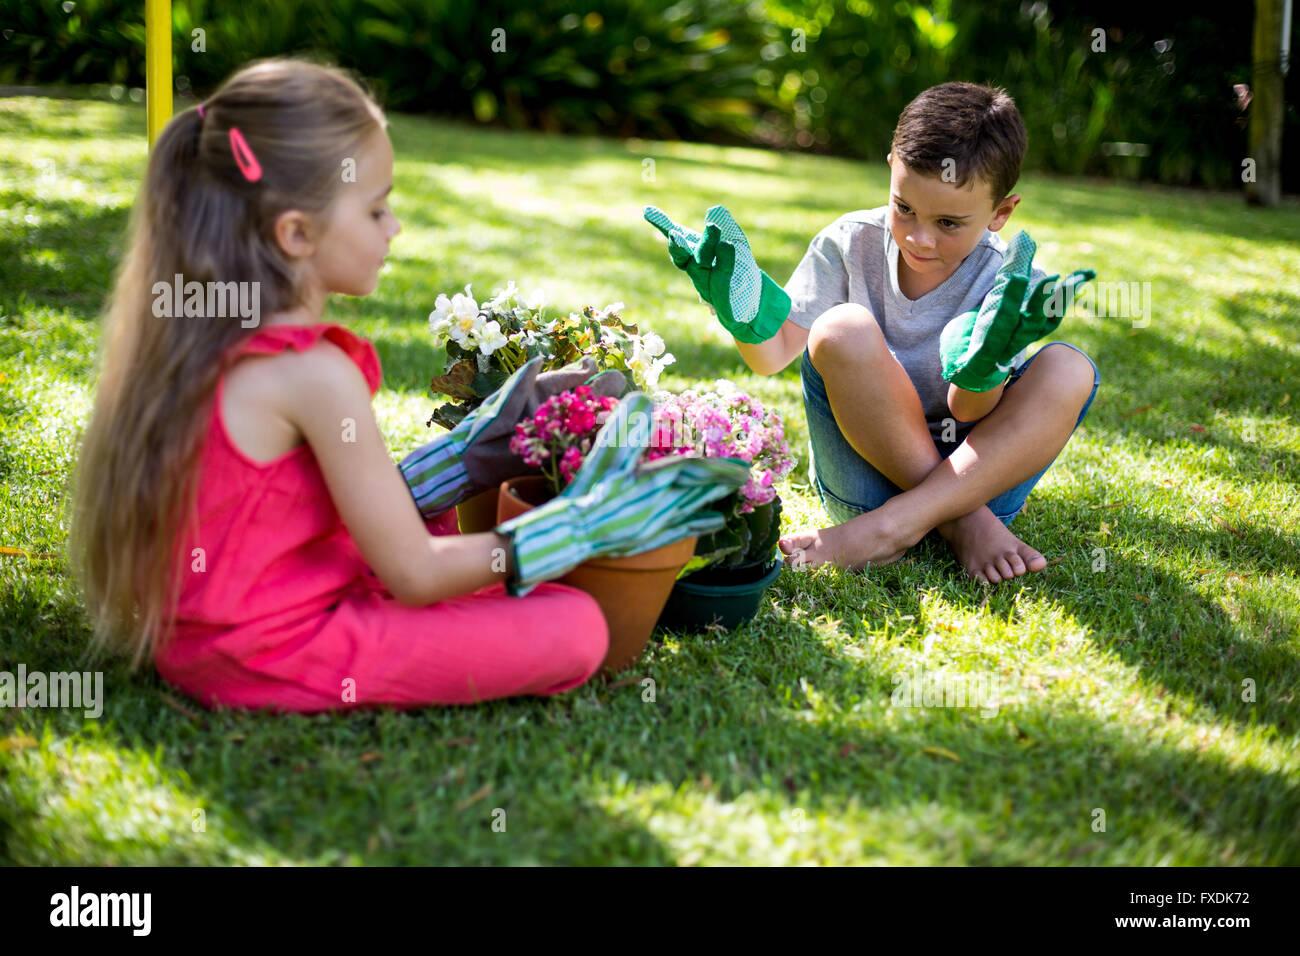 Frères et sœurs avec les pots de fleurs assis dans une cour Photo Stock